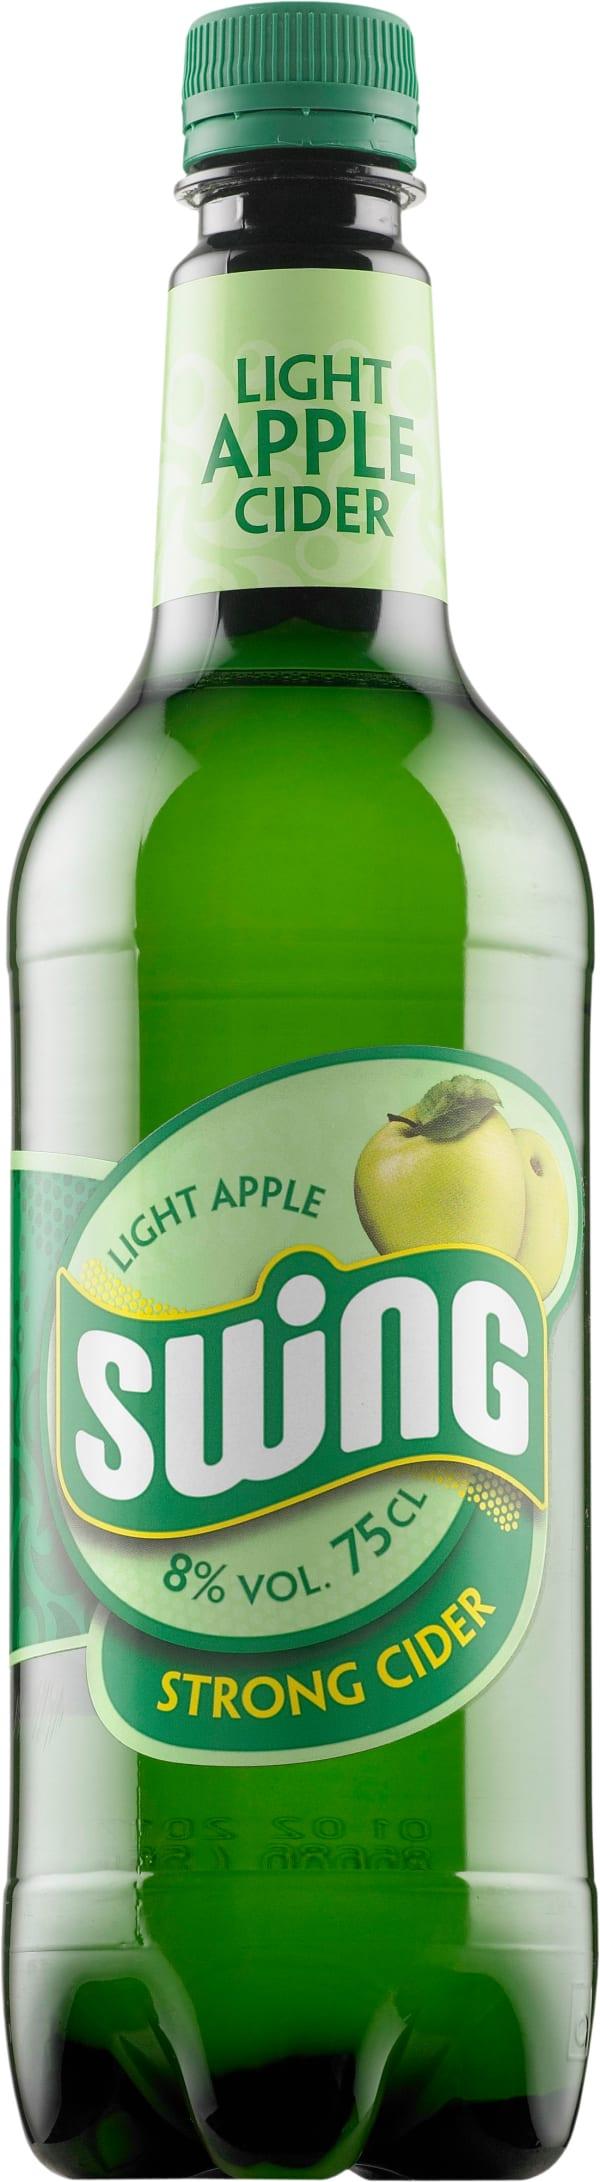 Swing Light Apple Strong Cider plastic bottle